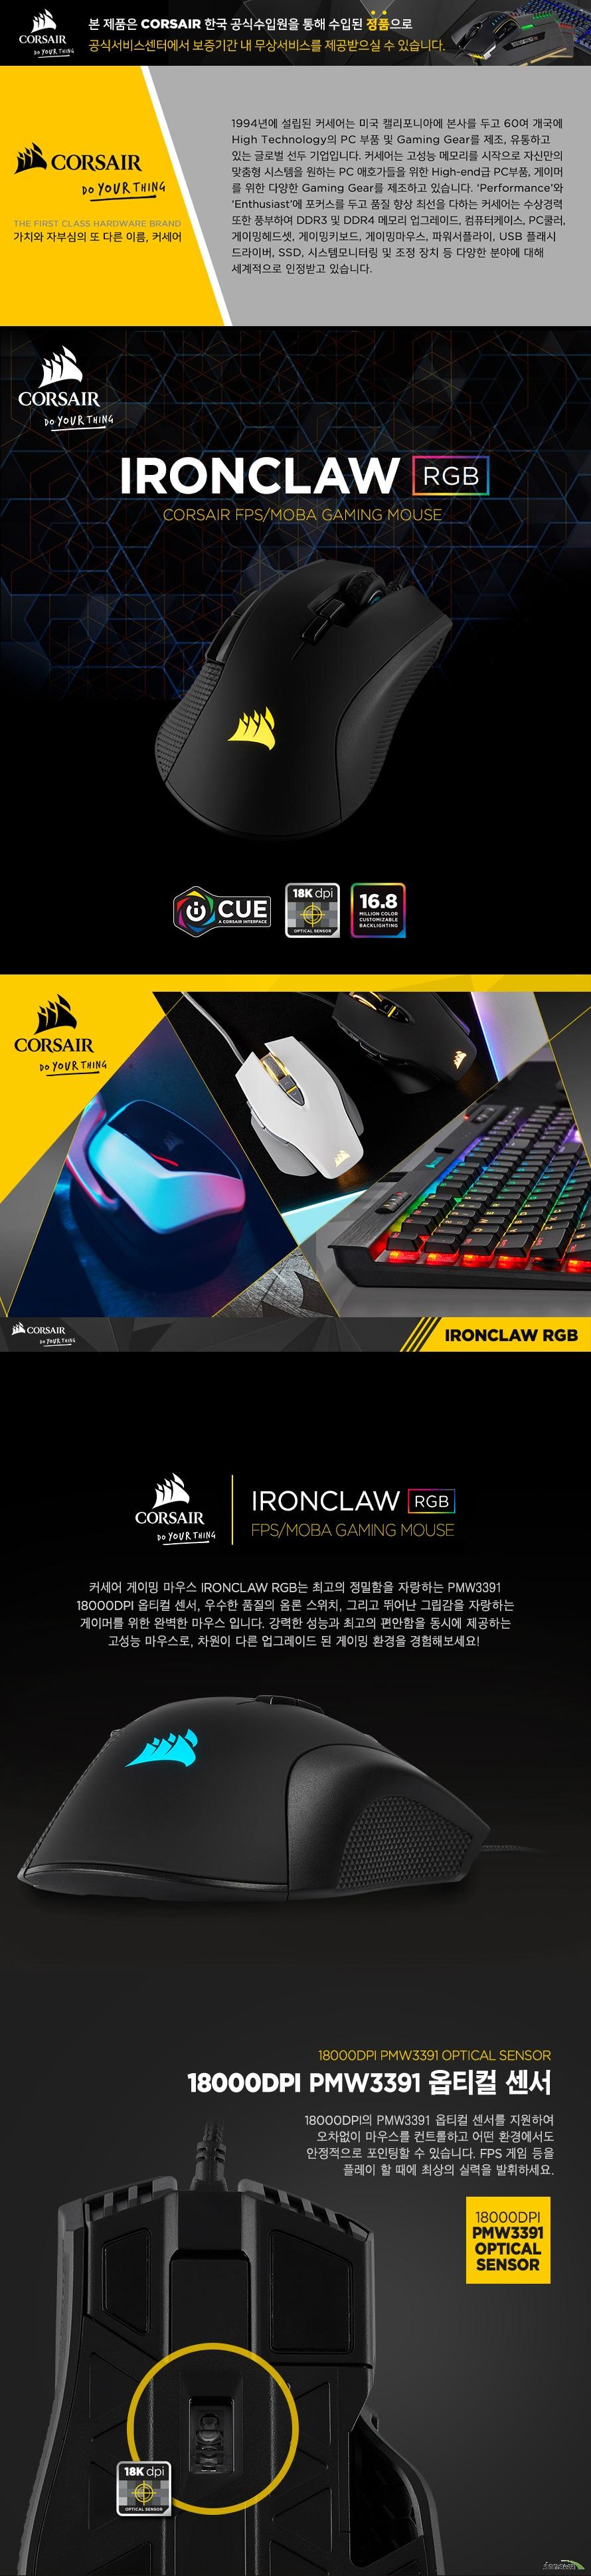 CORSAIR IRONCLAW RGB 게이밍 마우스  제품 상세 정보  모델명 corsair ironclaw rgb fps/moba 게이밍 마우스 색상 블랙 제품 보증 2년 Dpi 100~18000dpi 지원 및 dpi 1단계씩 조정 가능 센서 타입 옵티컬 2 zone rgb 백라이팅 적용 마우스 버튼 7개 지원 온보드 메모리 지원 제품 중량 105그램 Icue 소프트웨어 지원 1.8미터 케이블 적용 Fps moba 게임에 최적화  제품 크기  길이 130밀리미터 넓이 80밀리미터 높이 45밀리미터